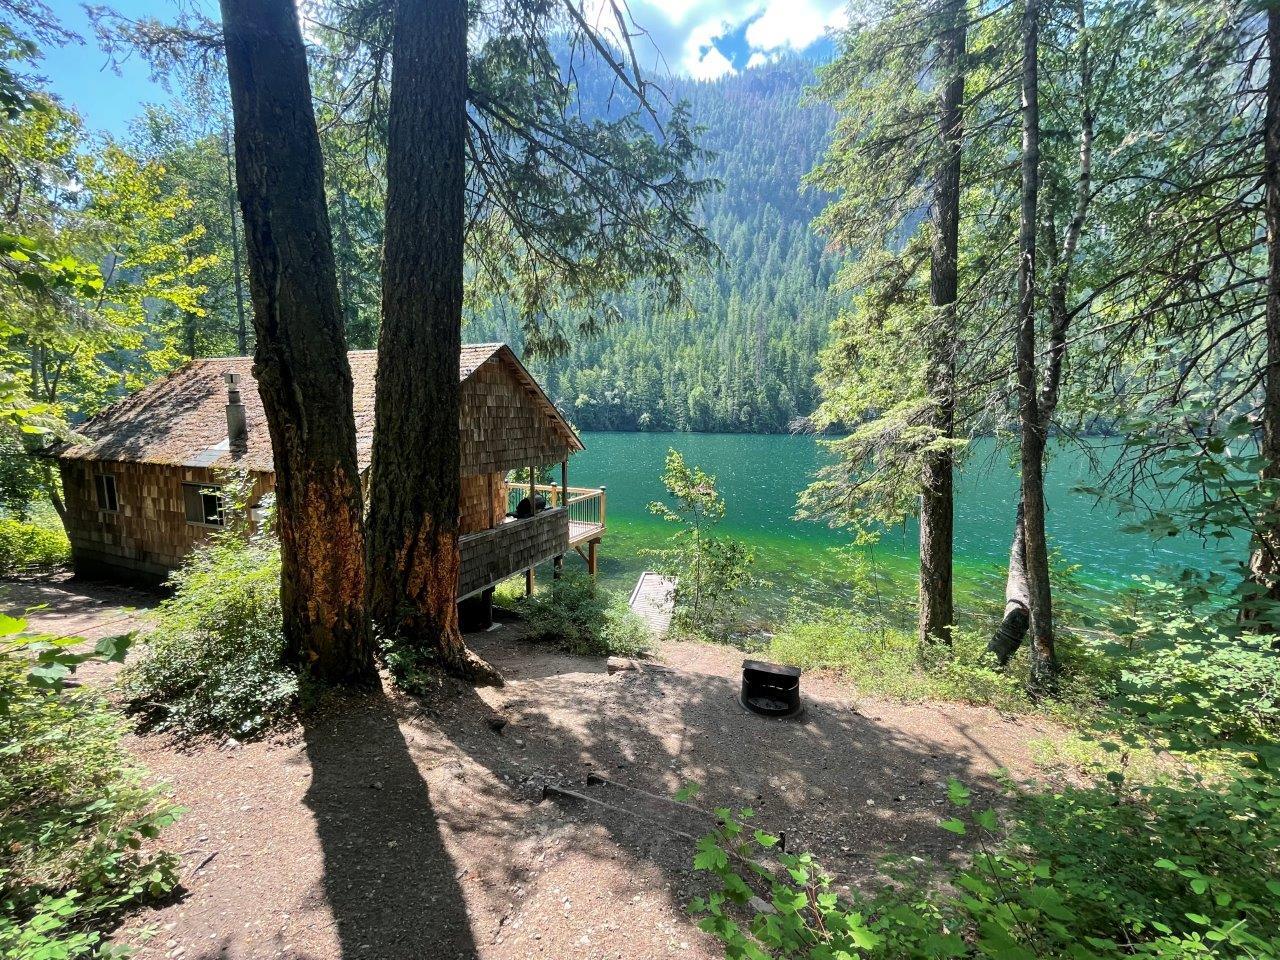 Echo lake resort 24